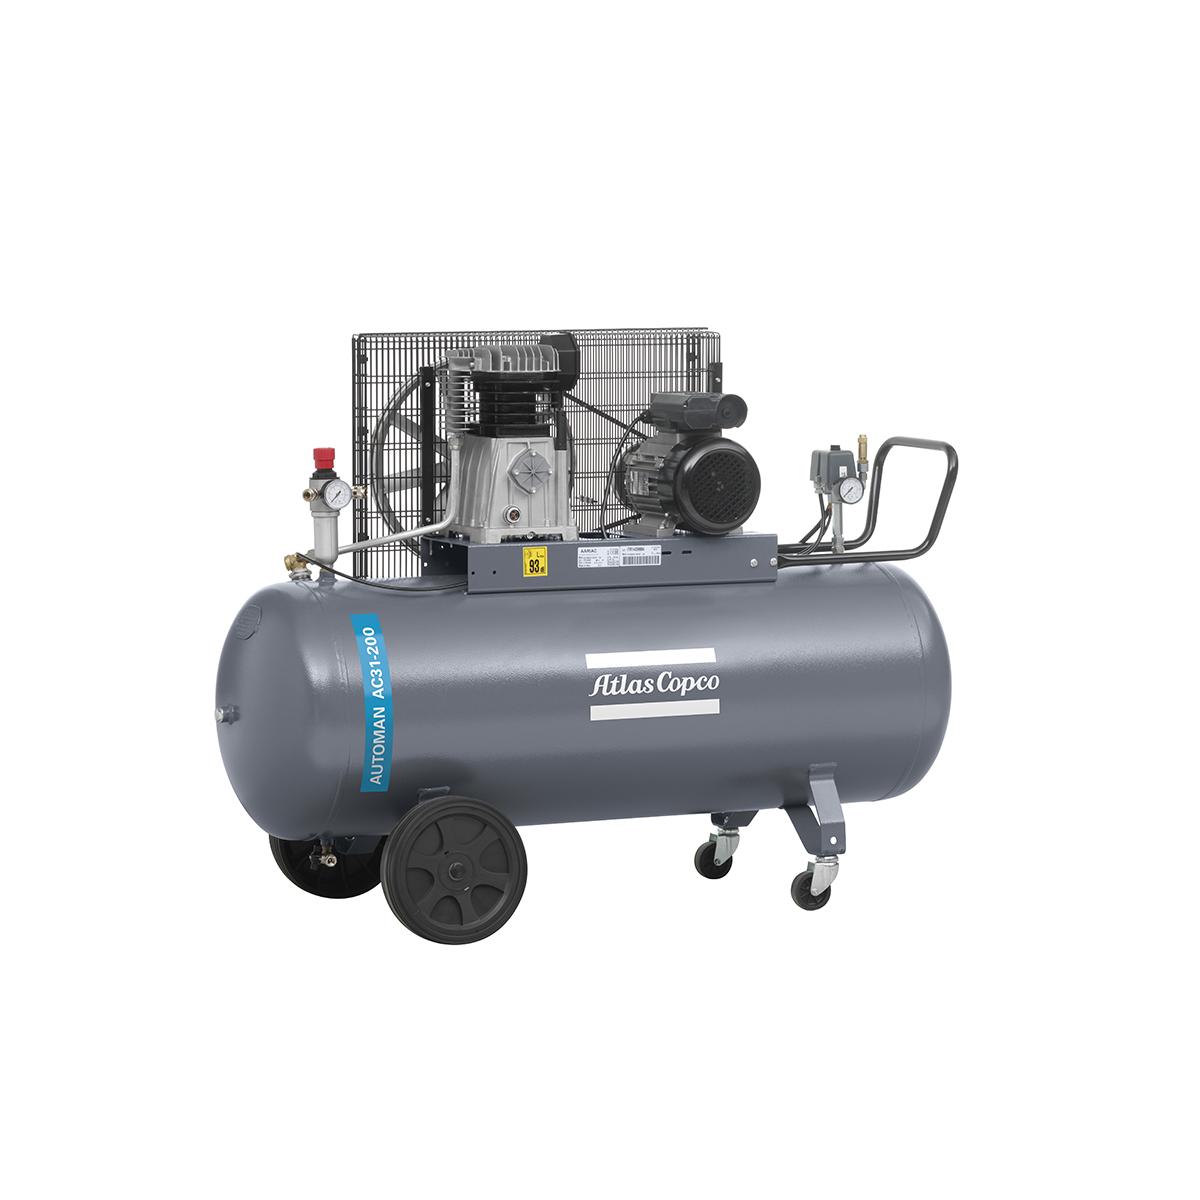 Piston Air Compressors - 2kW Piston Air Compressor AC100E500